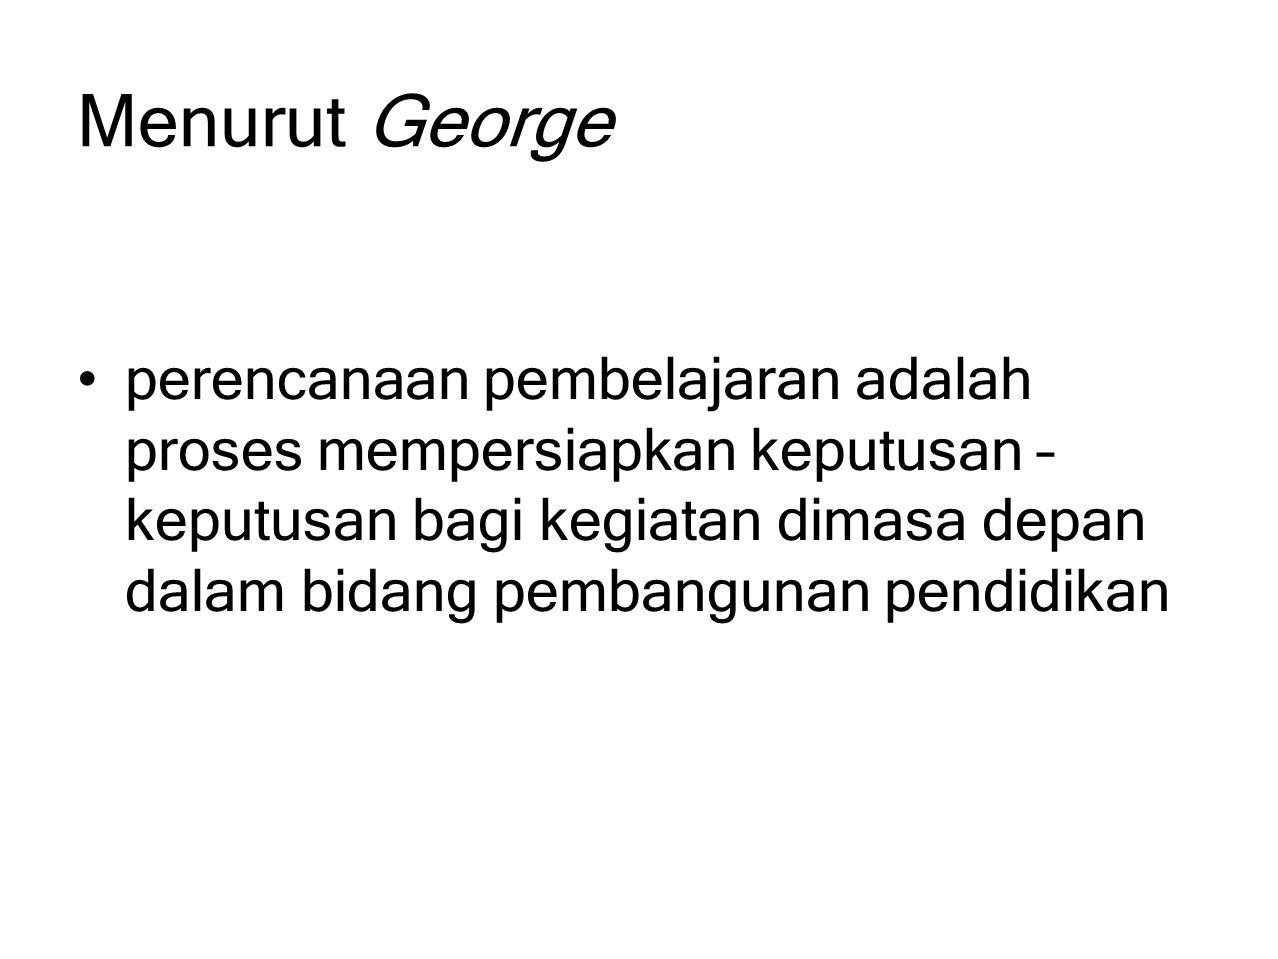 Menurut George